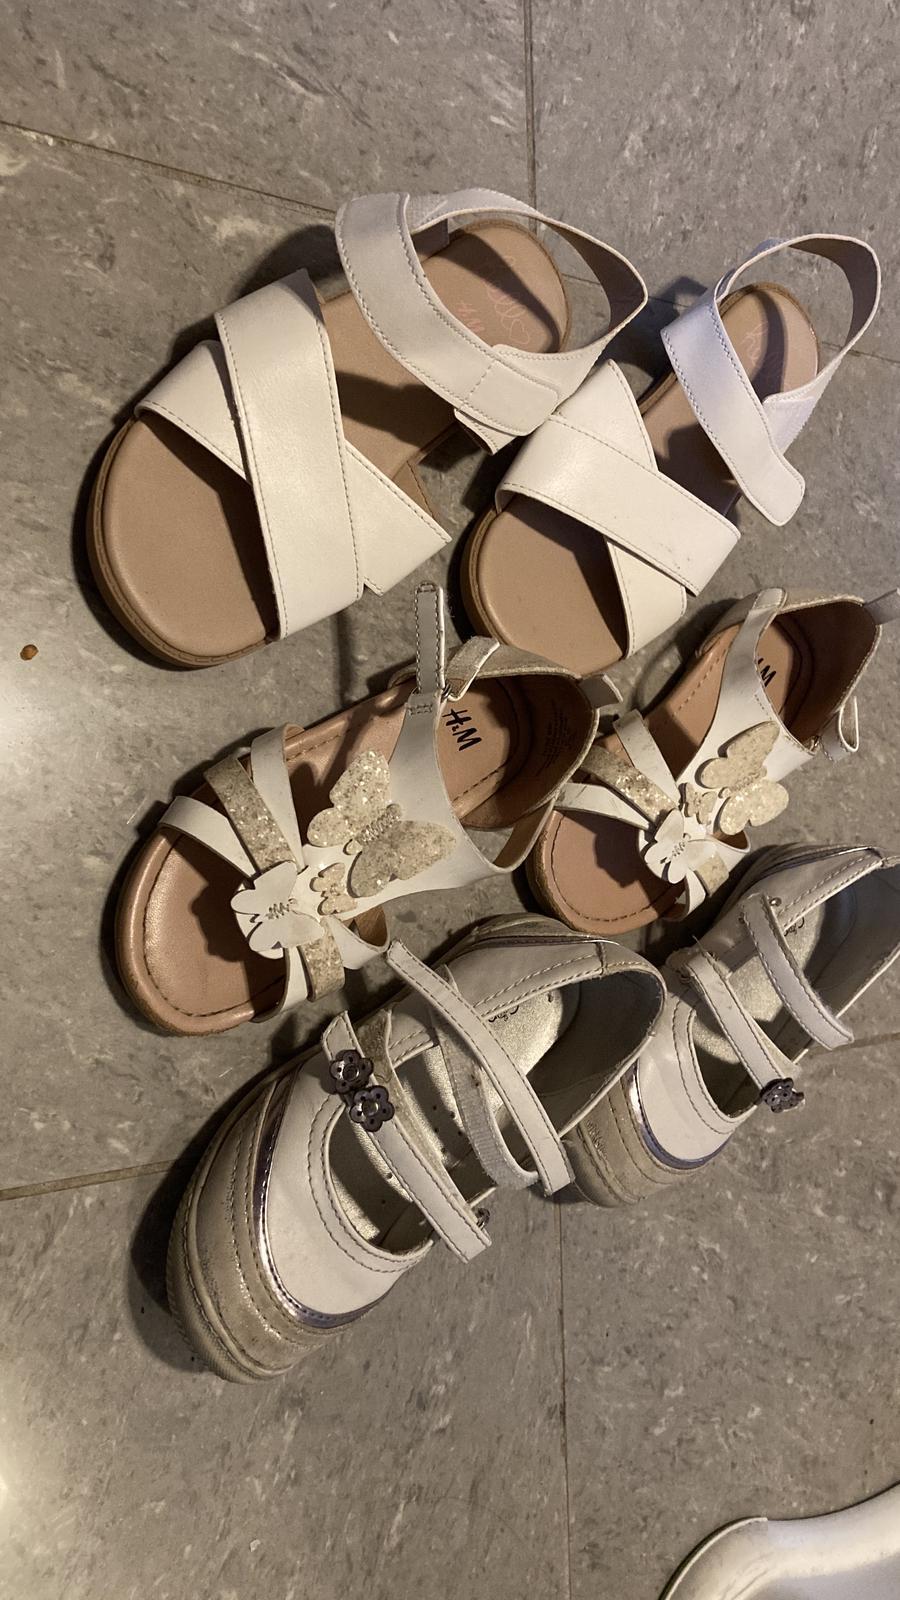 boty vel 26 a vel 32 - Obrázek č. 1